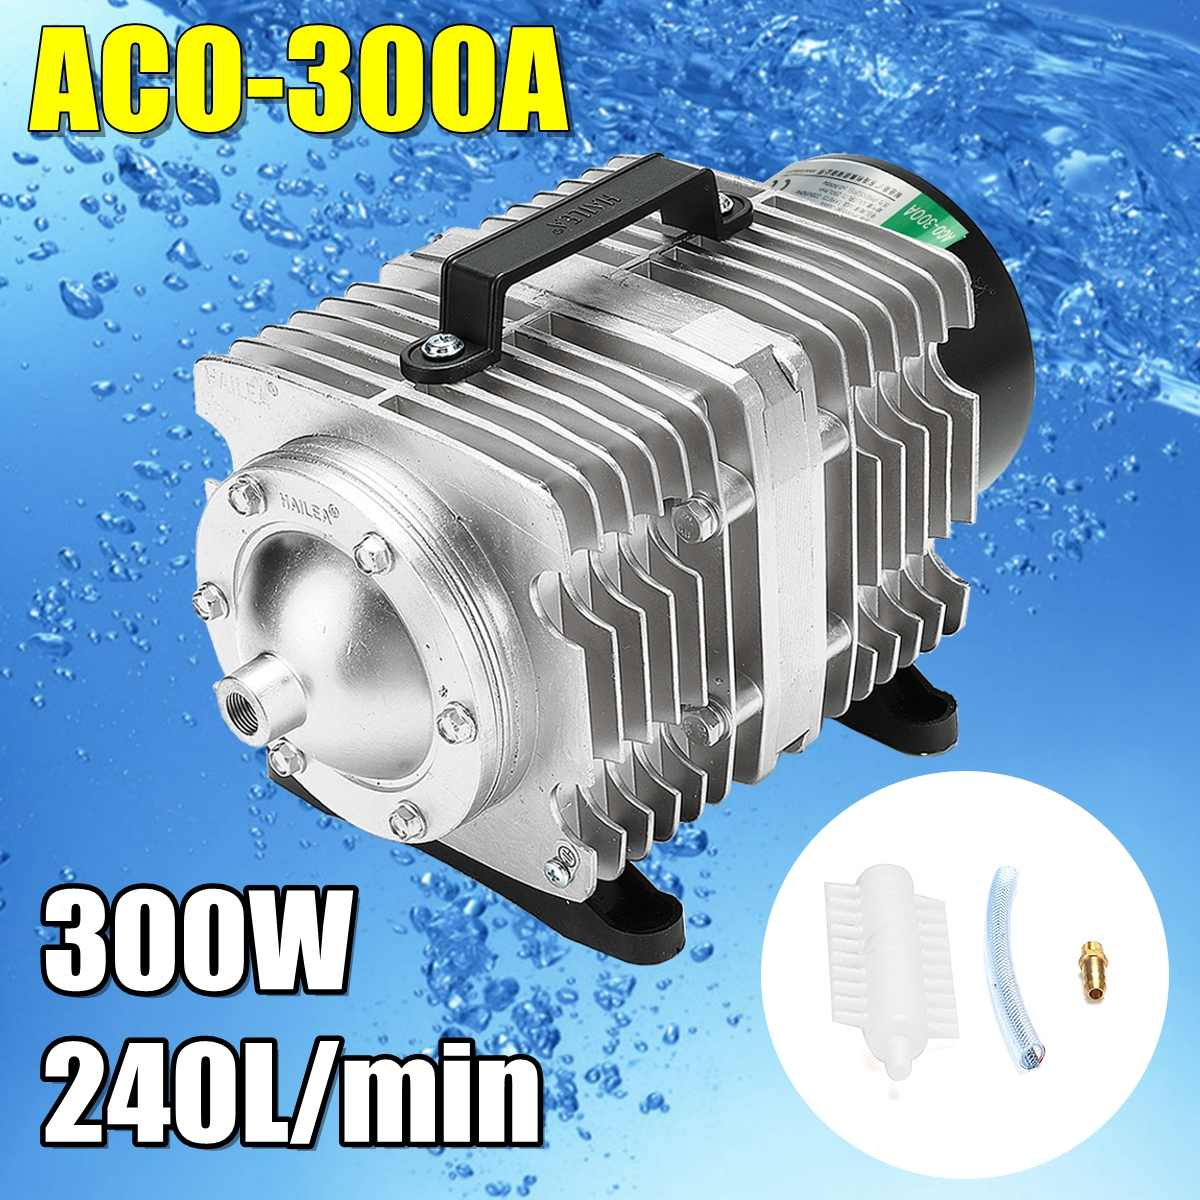 300 Вт AC 220 В 240л/мин воздушный компрессор ACO 300A 0.04Mpa для аквариума электромагнитный насос аквариум с подачей кислорода компрессор для рыбного